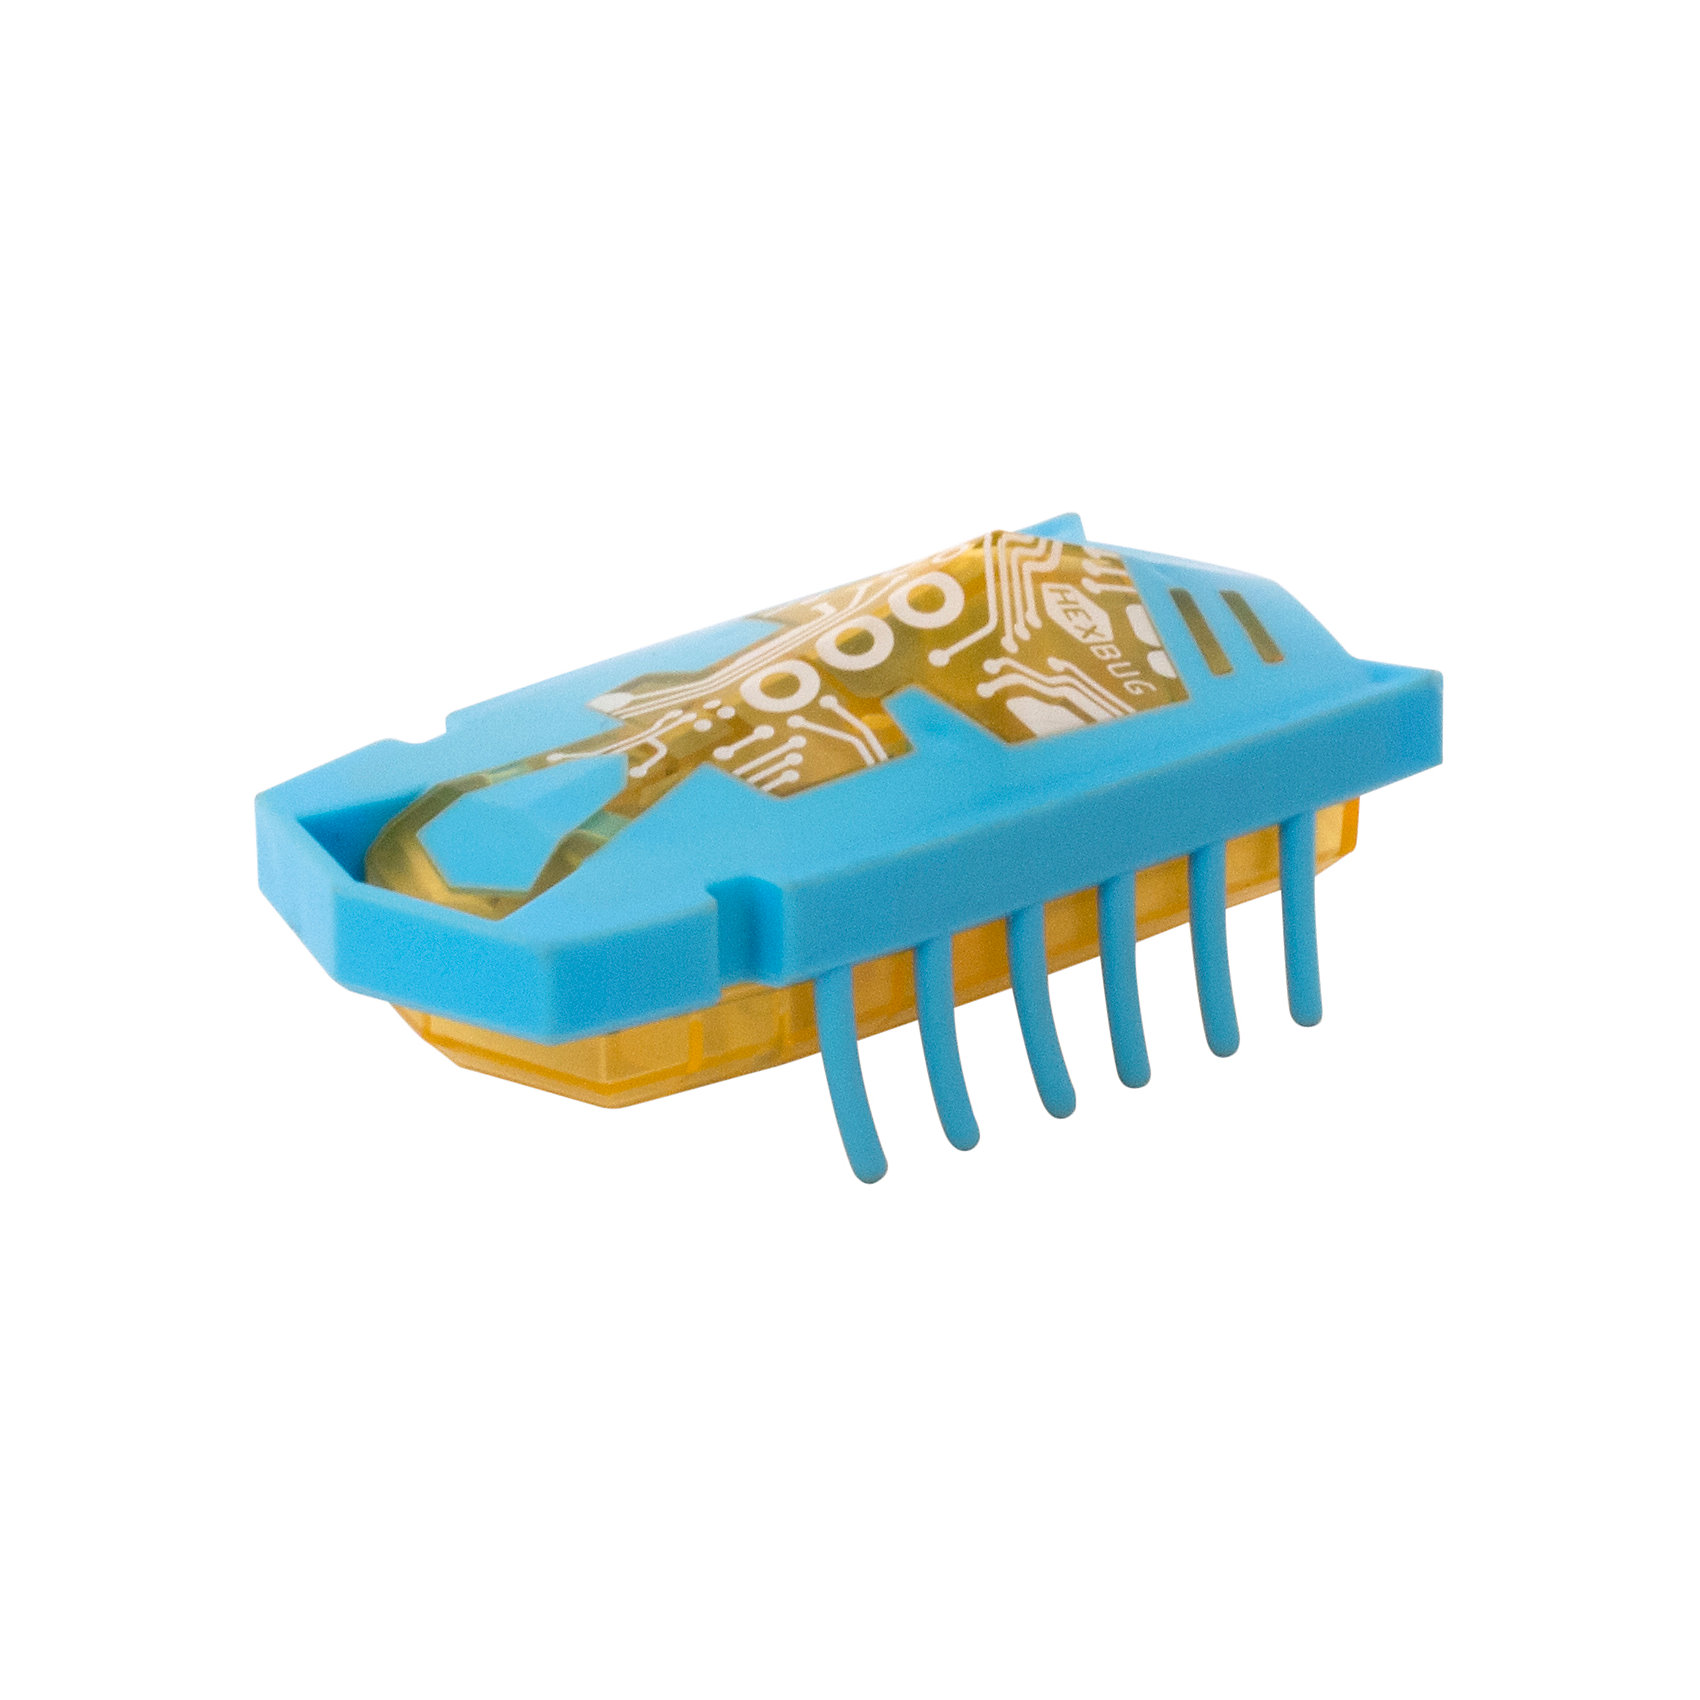 Микро-робот Nano Junior, голубой, HexbugИнтерактивные игрушки для малышей<br>Микро-робот Nano Junior, голубой, Hexbug (Хексбаг)<br><br>Характеристики:<br><br>• 12 лапок<br>• яркий дизайн<br>• быстро двигается<br>• устойчивый<br>• материал: пластик, металл<br>• длина робота: 7,5 см<br>• батарейки: LR44 - 3 шт. (входят в комплект)<br>• размер упаковки: 4х9х18 см<br>• цвет: голубой<br><br>Nano Junior - микро-робот от известного производителя Hexbug. Он быстро шевелит двенадцатью лапками и двигается за счет вибрации. Нано Джуниор имеет достаточно большой размер, чтобы ребенок не смог его проглотить. Яркий дизайн микро-робота, несомненно, придется по вкусу детям и взрослым!<br><br>Микро-робота Nano Junior, голубой, Hexbug (Хексбаг) вы можете купить в нашем интернет-магазине.<br><br>Ширина мм: 180<br>Глубина мм: 40<br>Высота мм: 90<br>Вес г: 51<br>Возраст от месяцев: 36<br>Возраст до месяцев: 2147483647<br>Пол: Унисекс<br>Возраст: Детский<br>SKU: 5507215